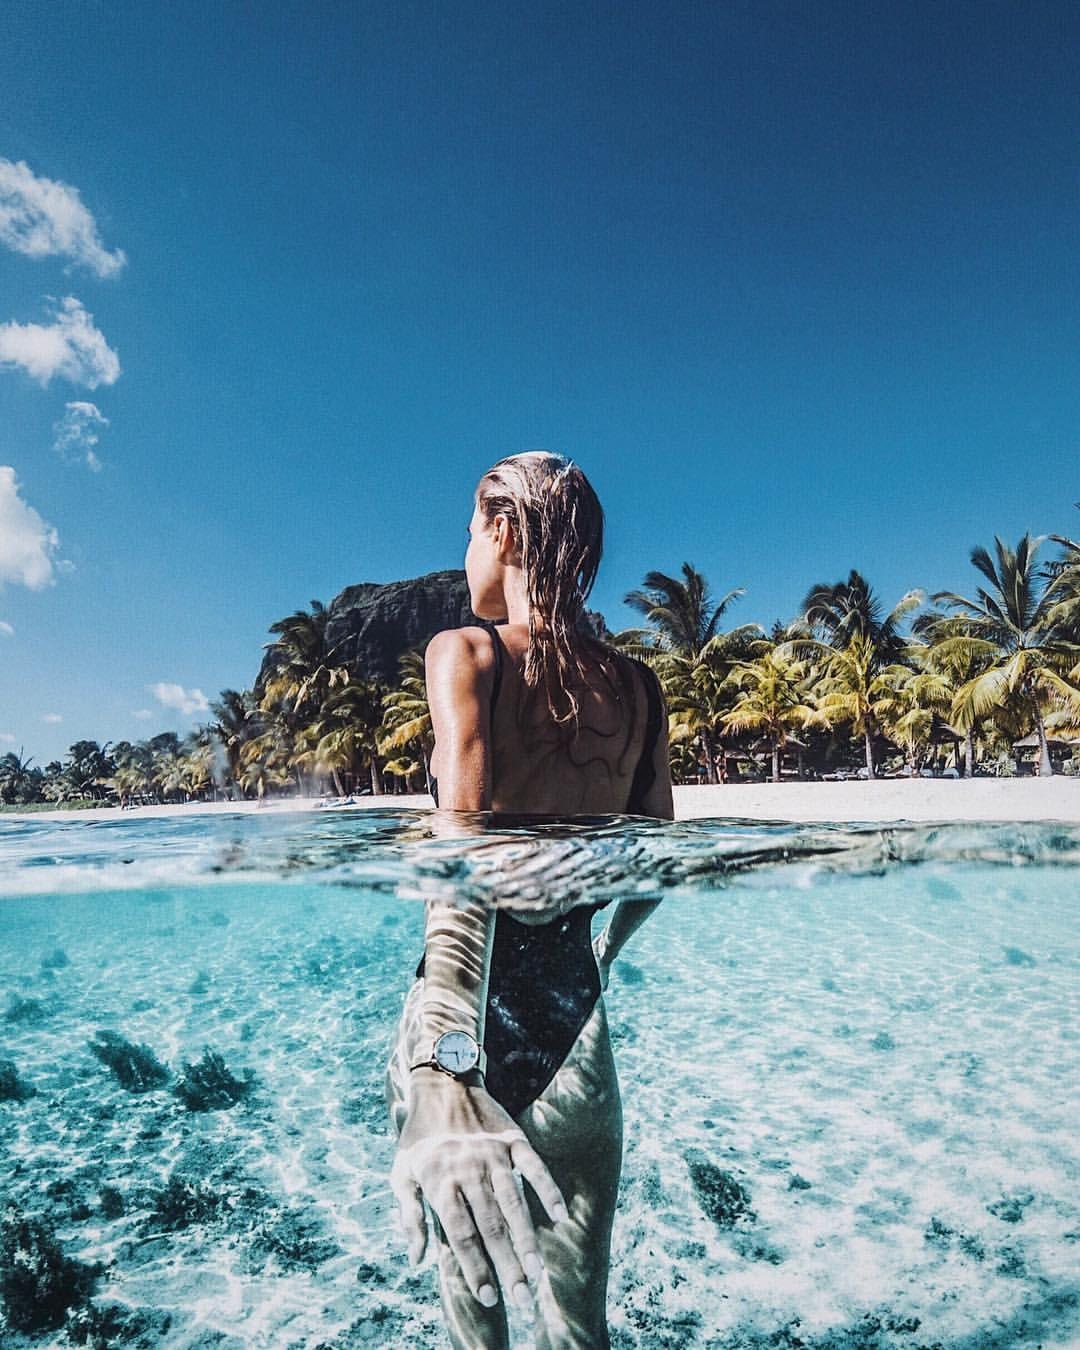 Selfie Debi Flugge nude (82 photo), Sexy, Sideboobs, Instagram, see through 2020